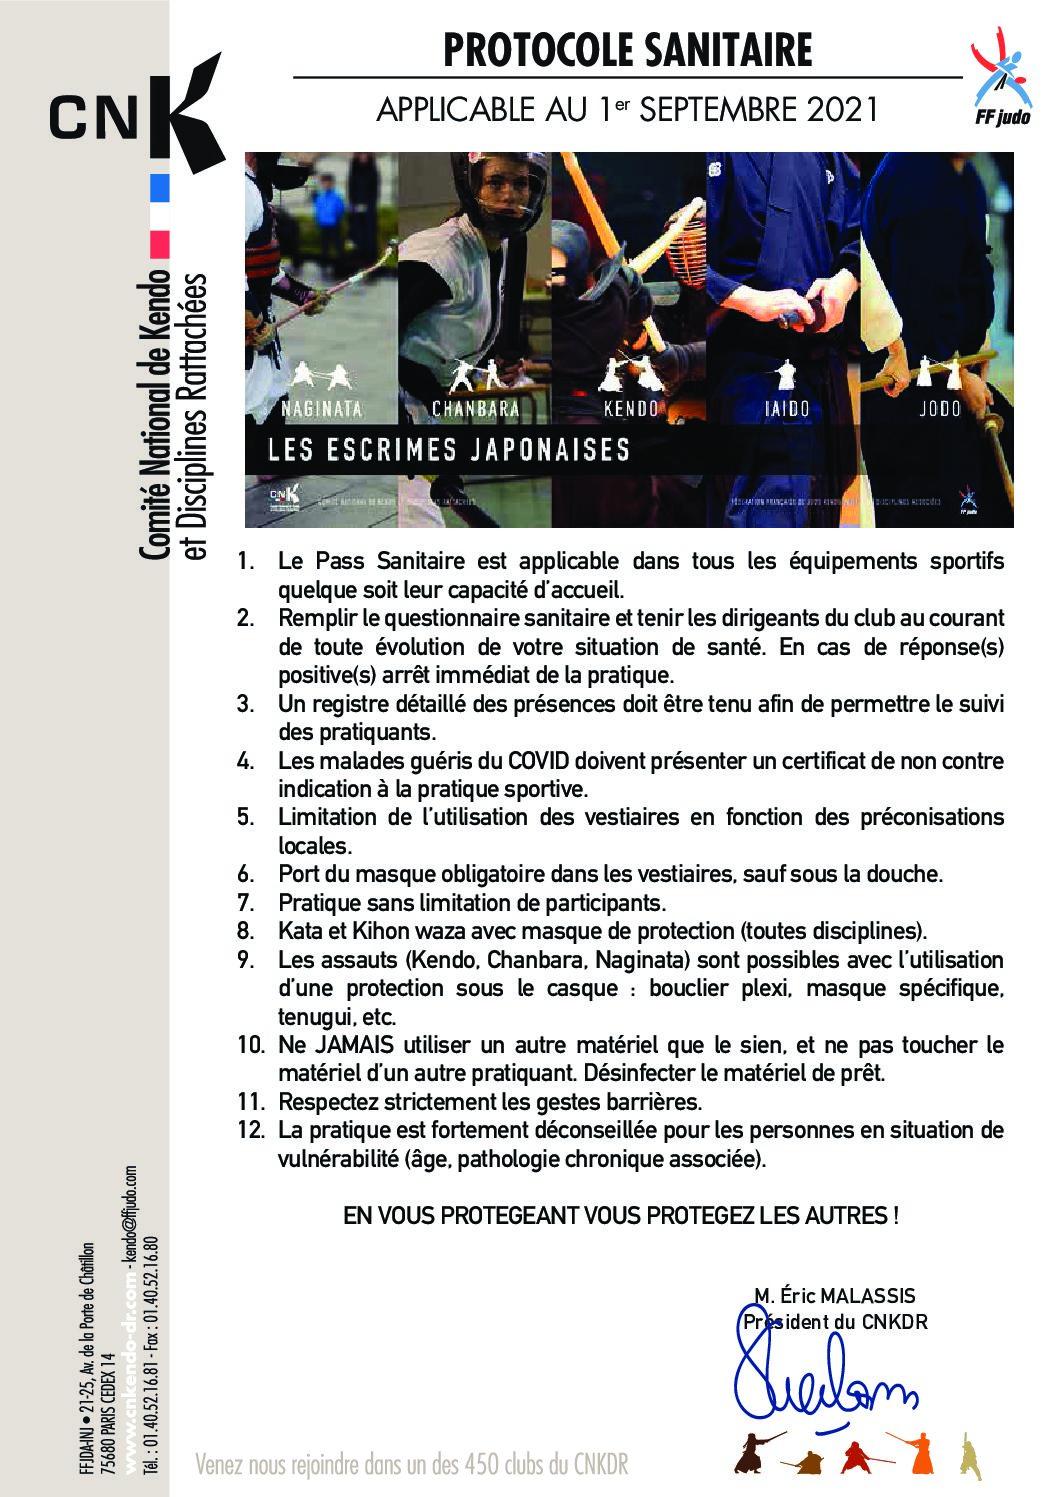 Protocole sanitaire au 1er septembre 2021